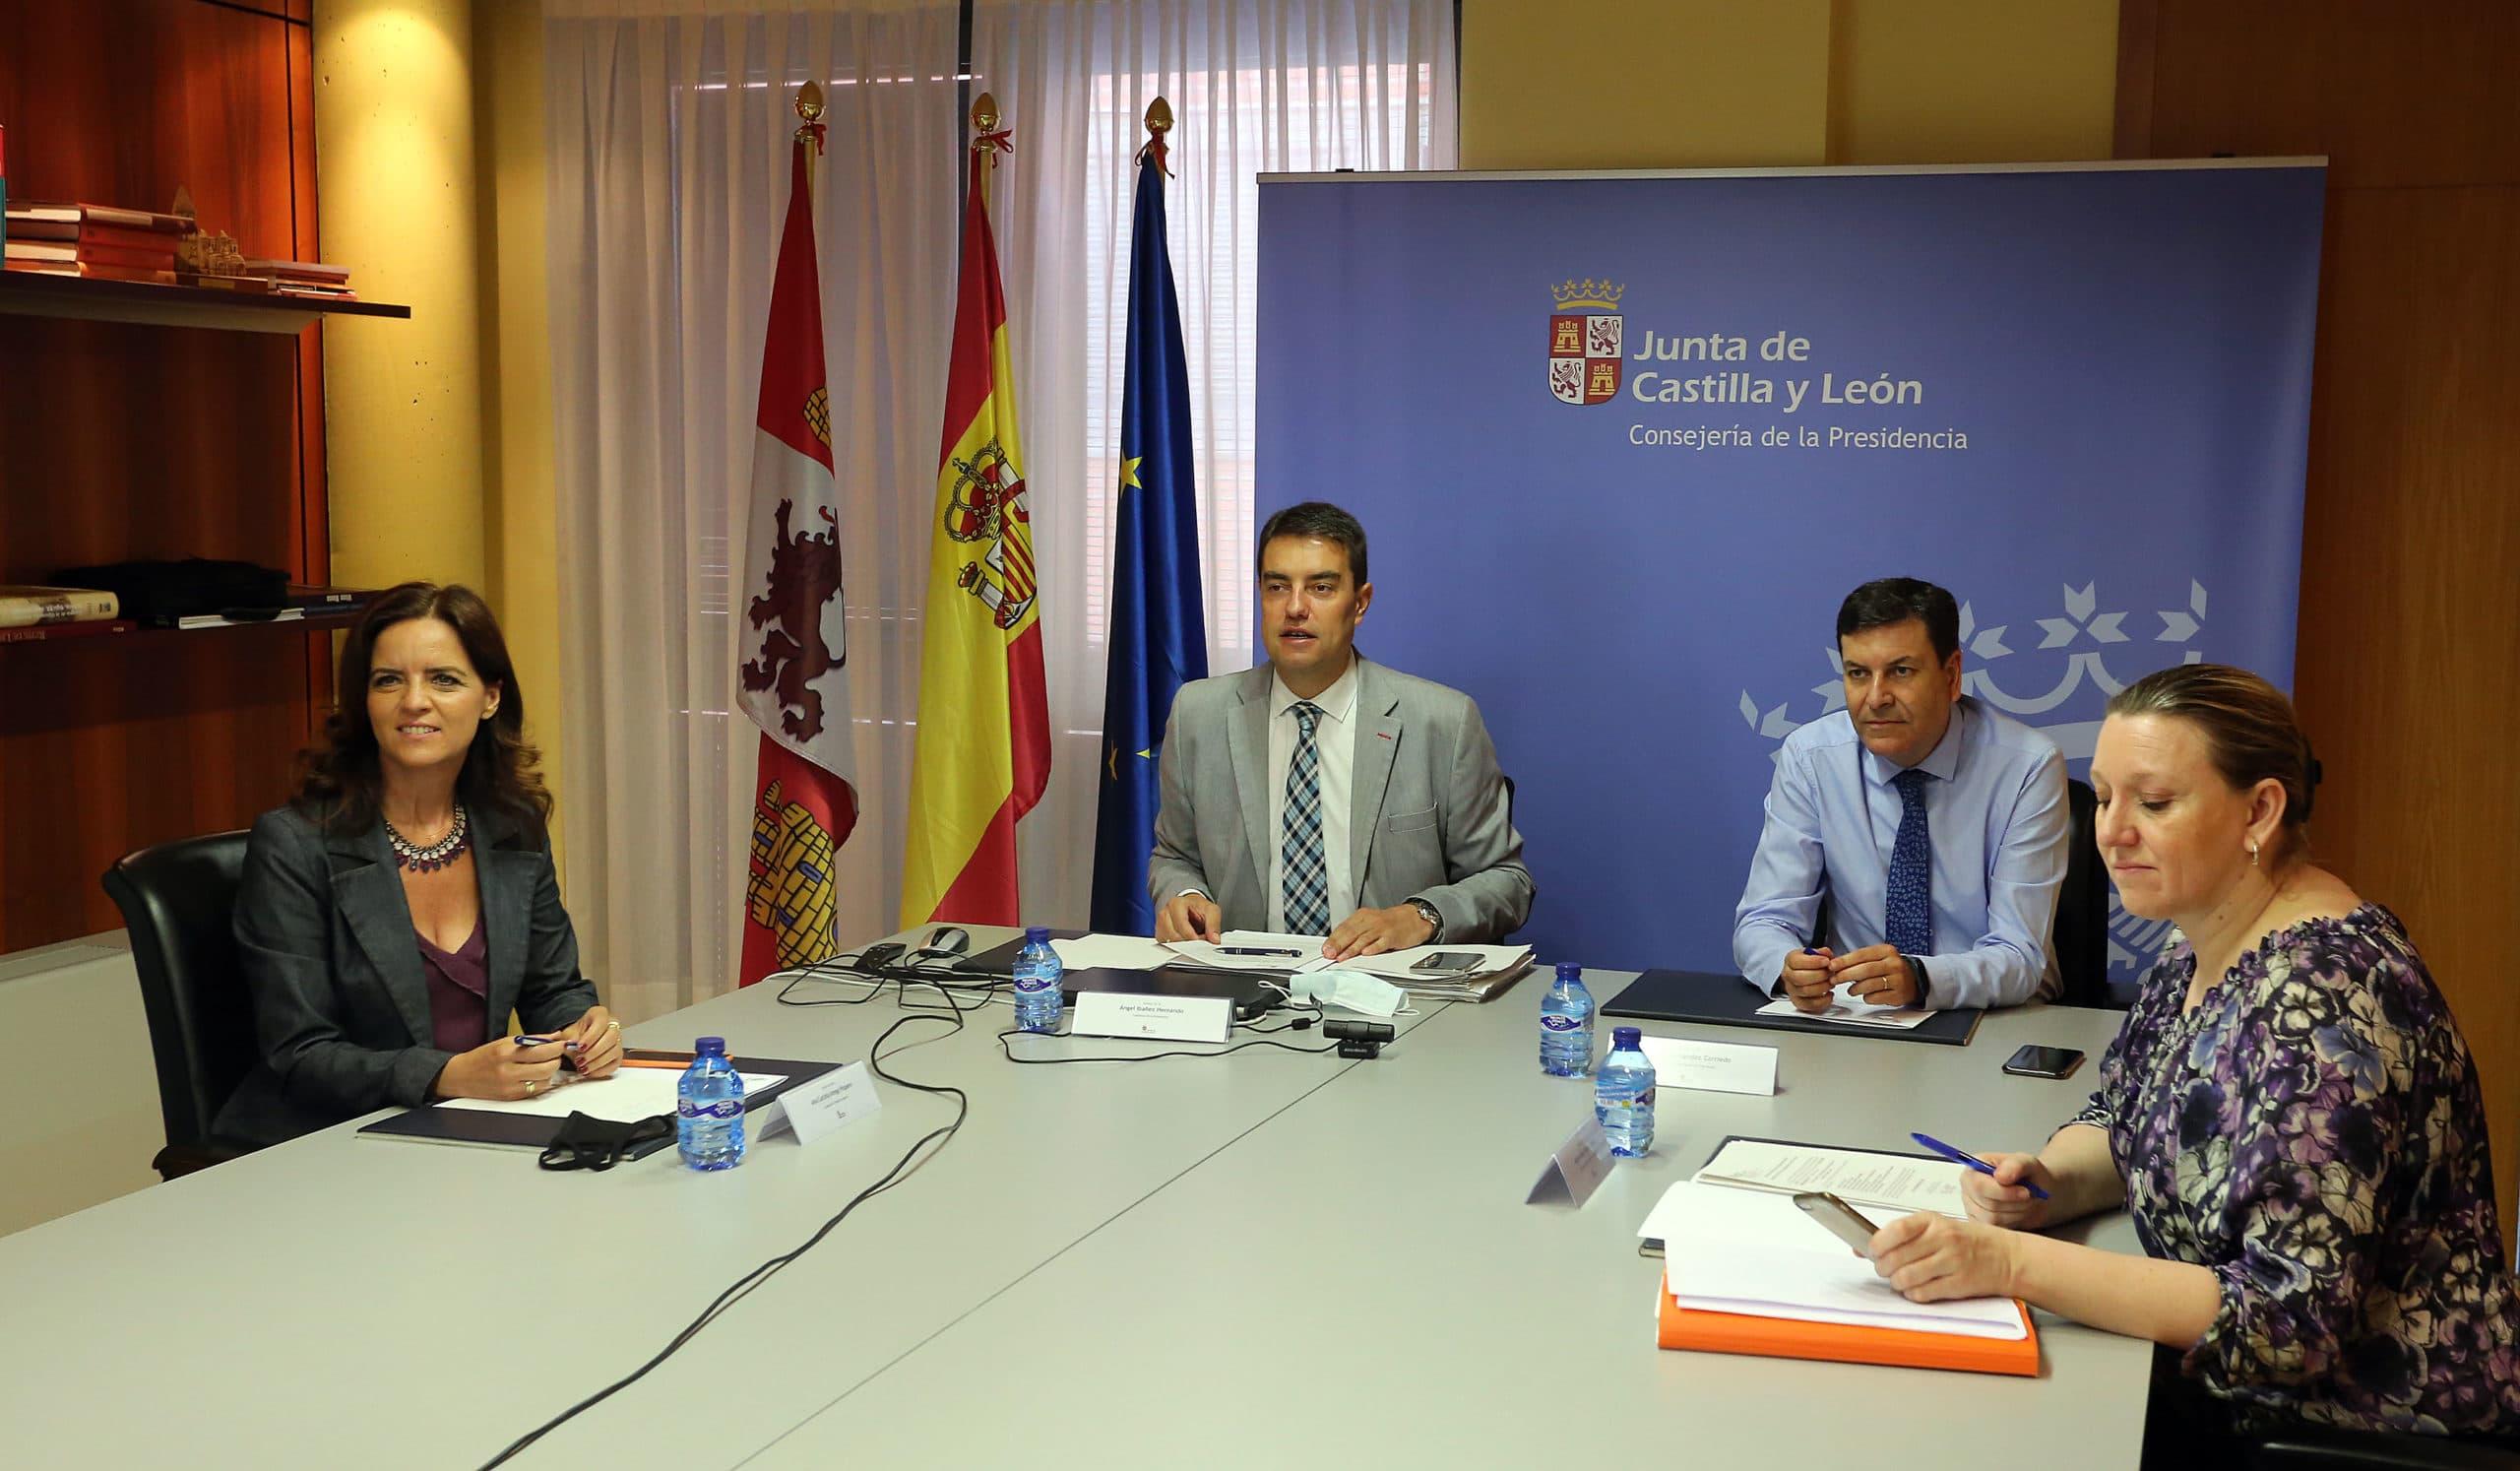 La Junta aprueba un segundo fondo de 80 millones para entidades locales